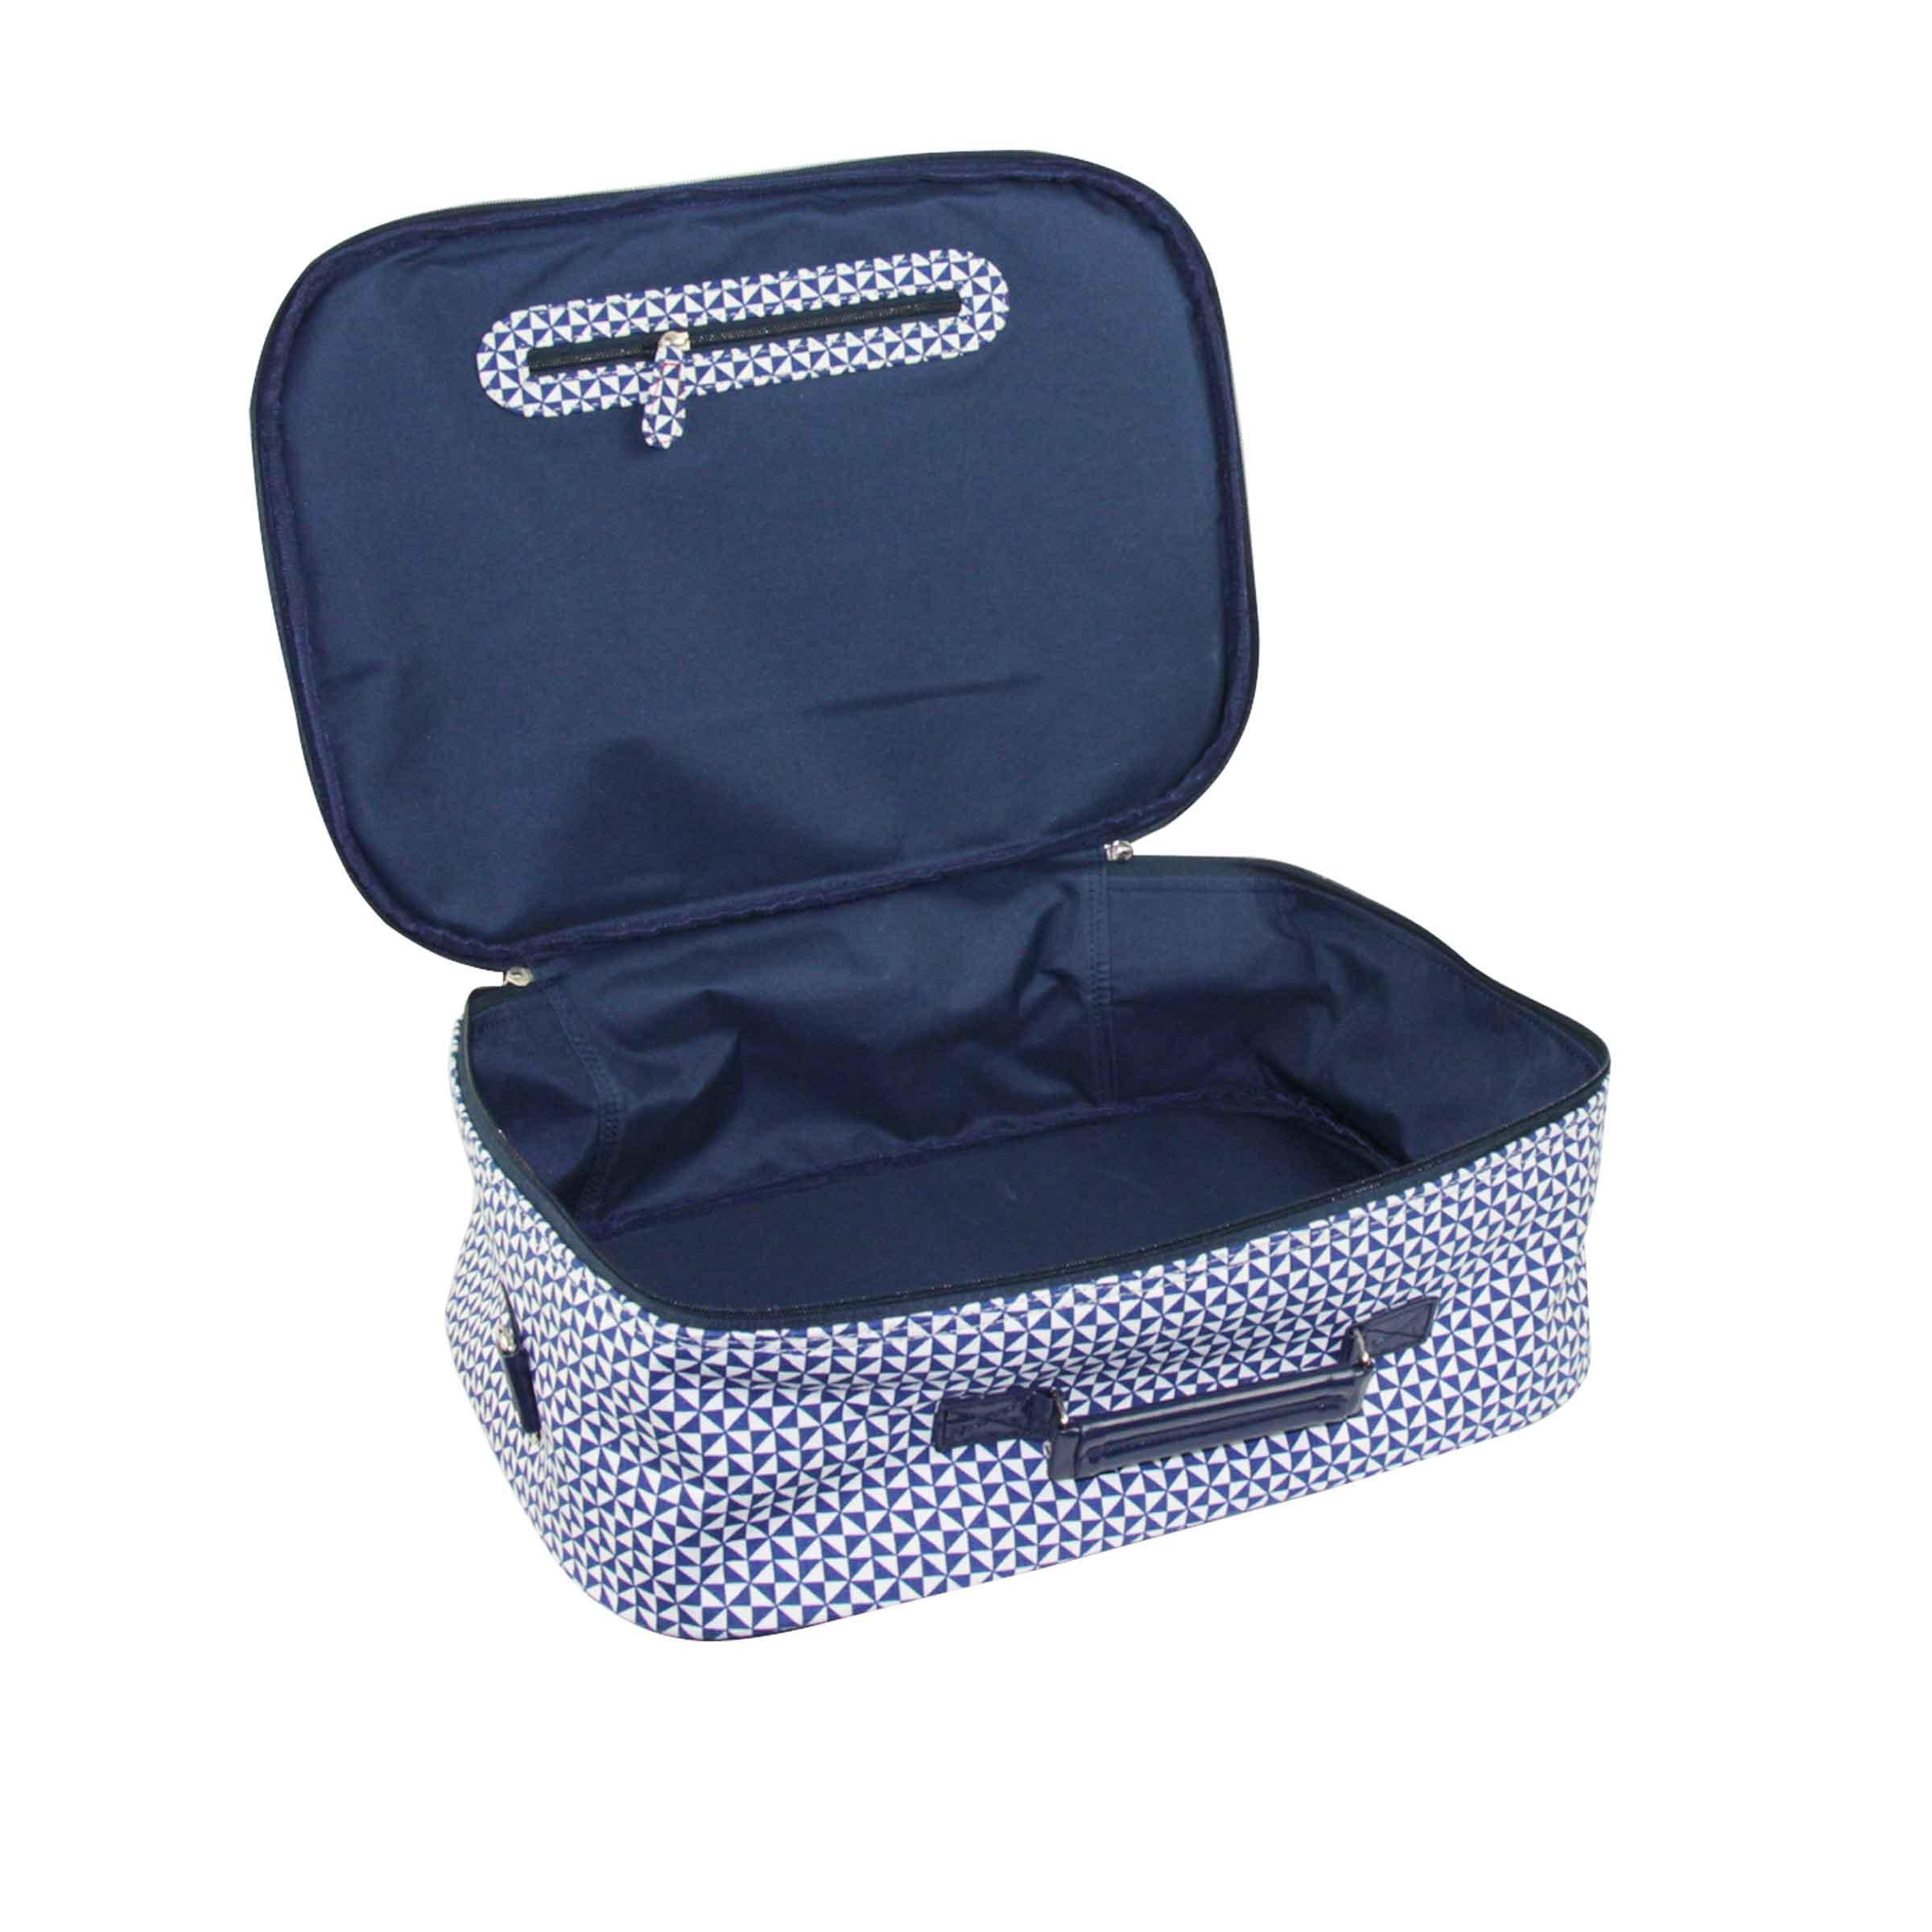 valise bleu en tissu avec motif avion et imprimés géométriques taille L